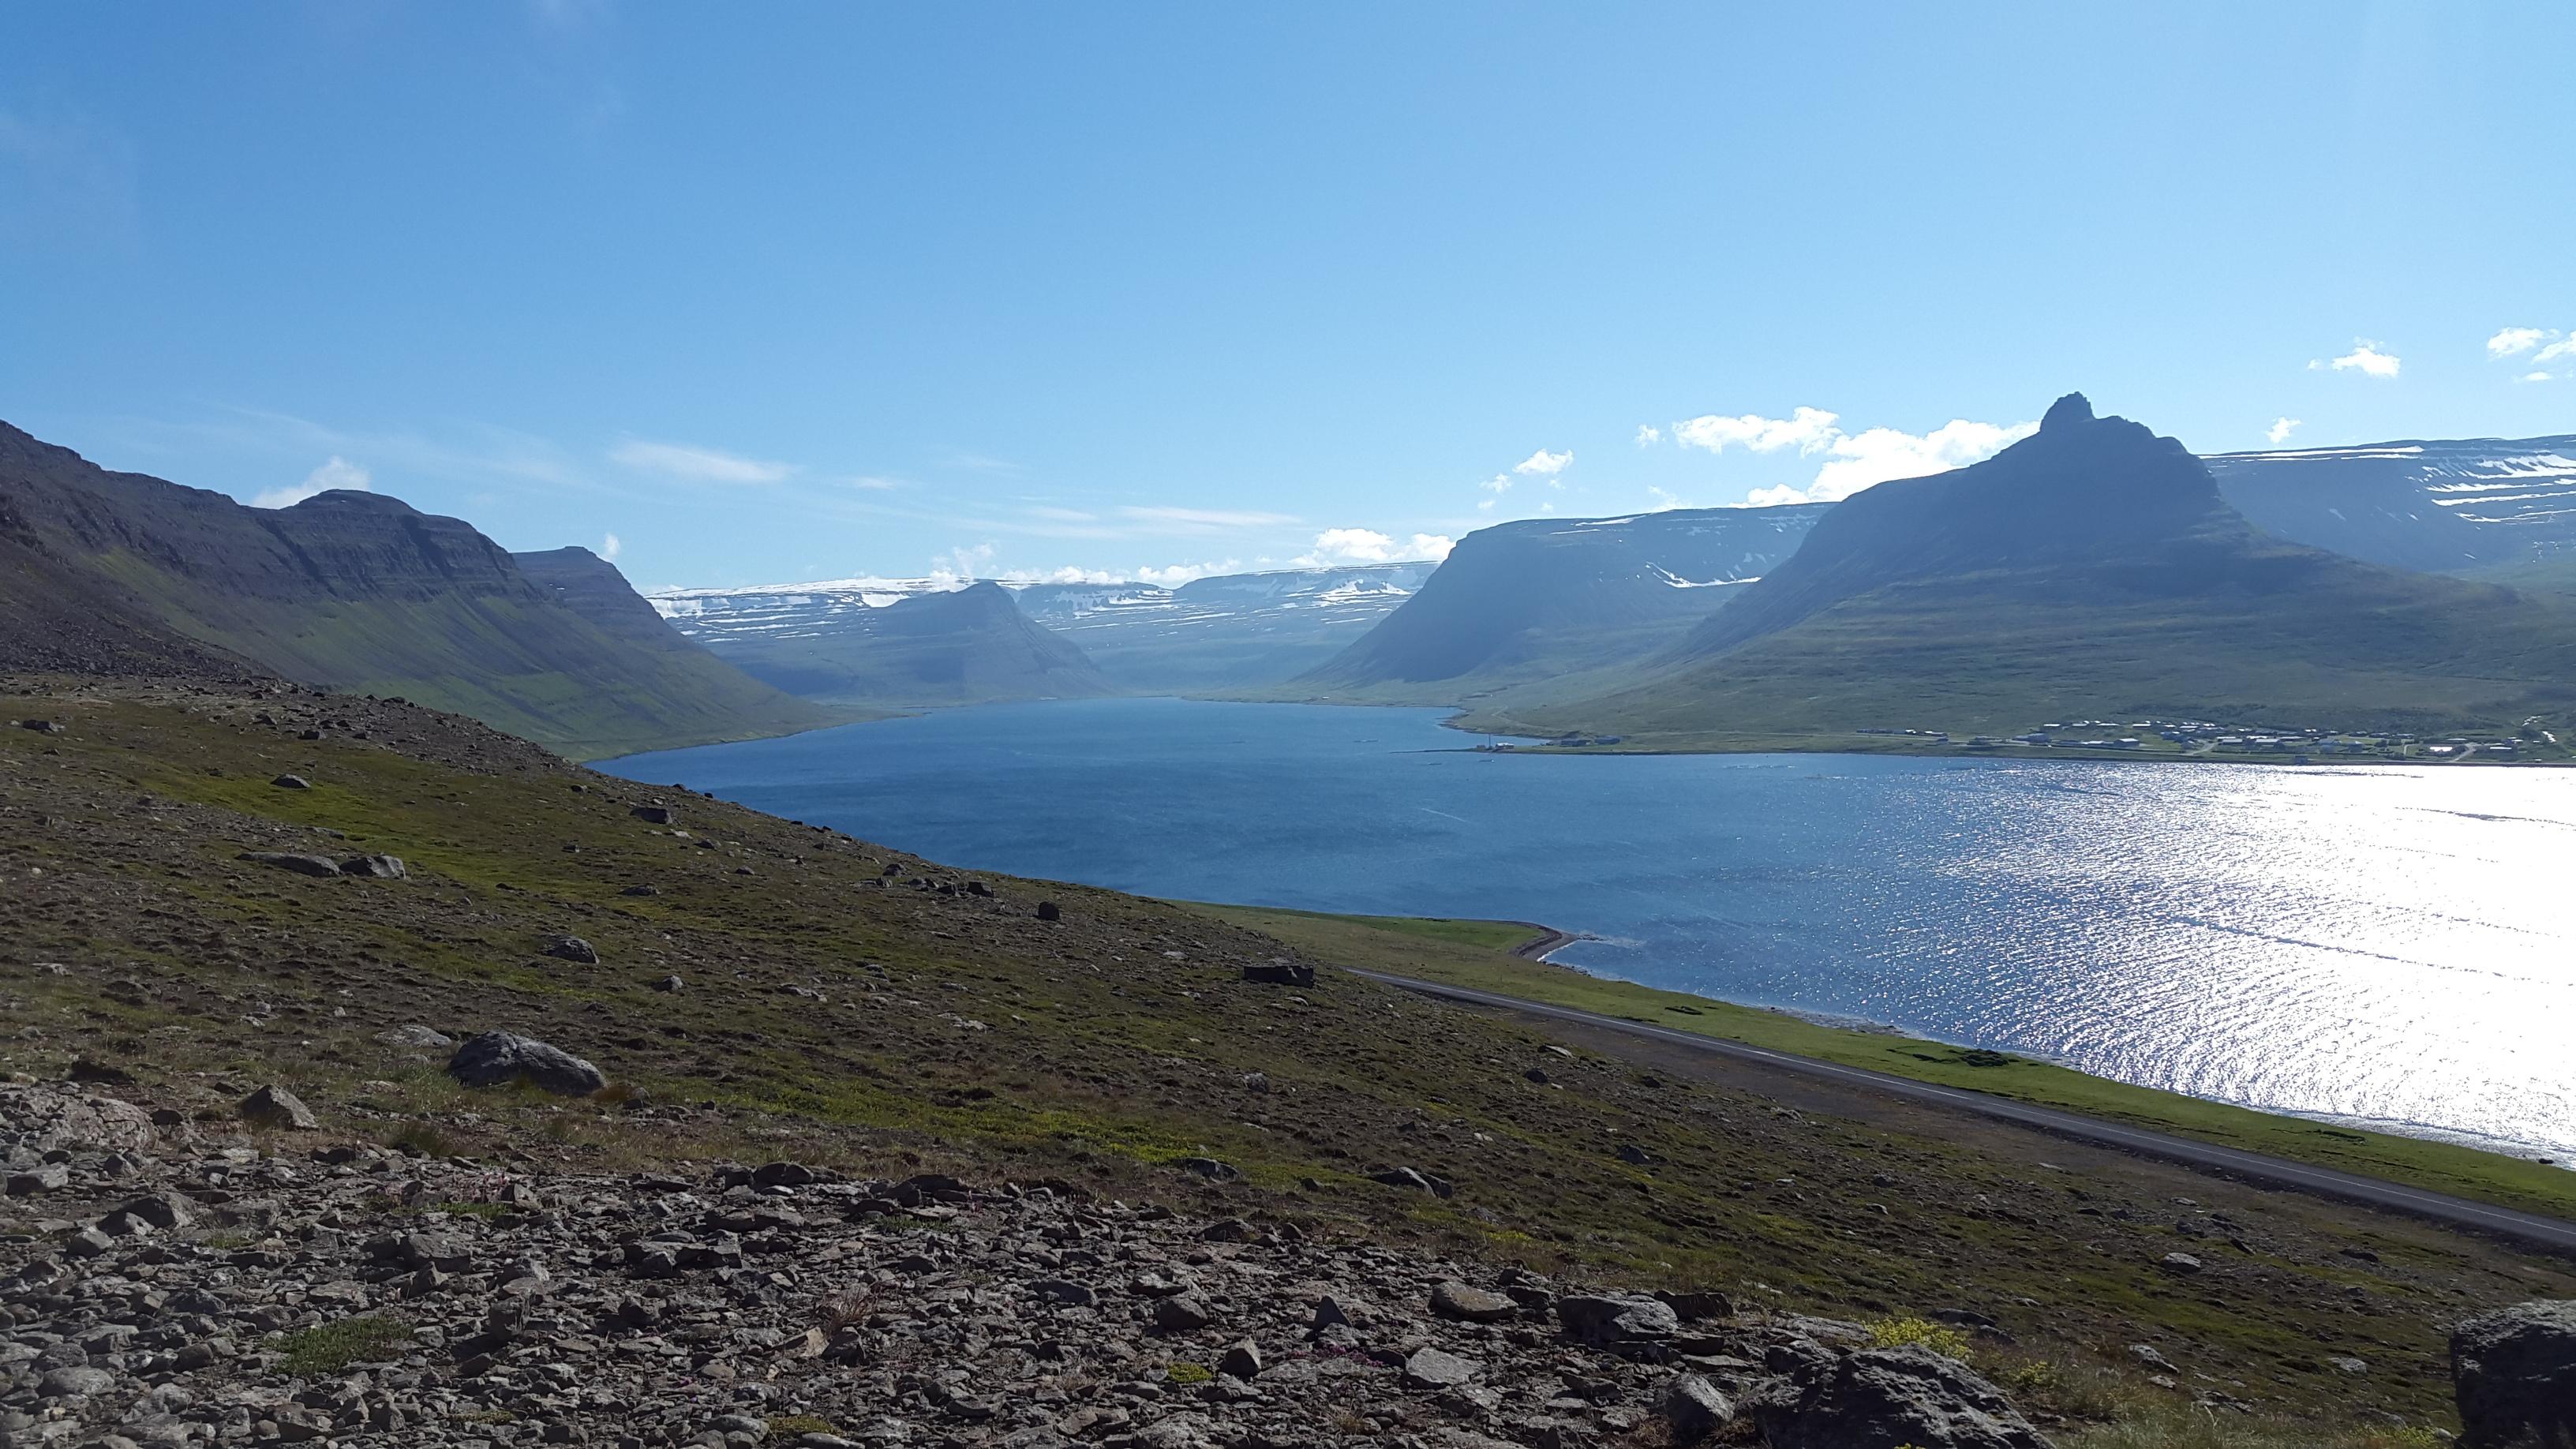 Typická islandská krajina nikdy neomrzí.